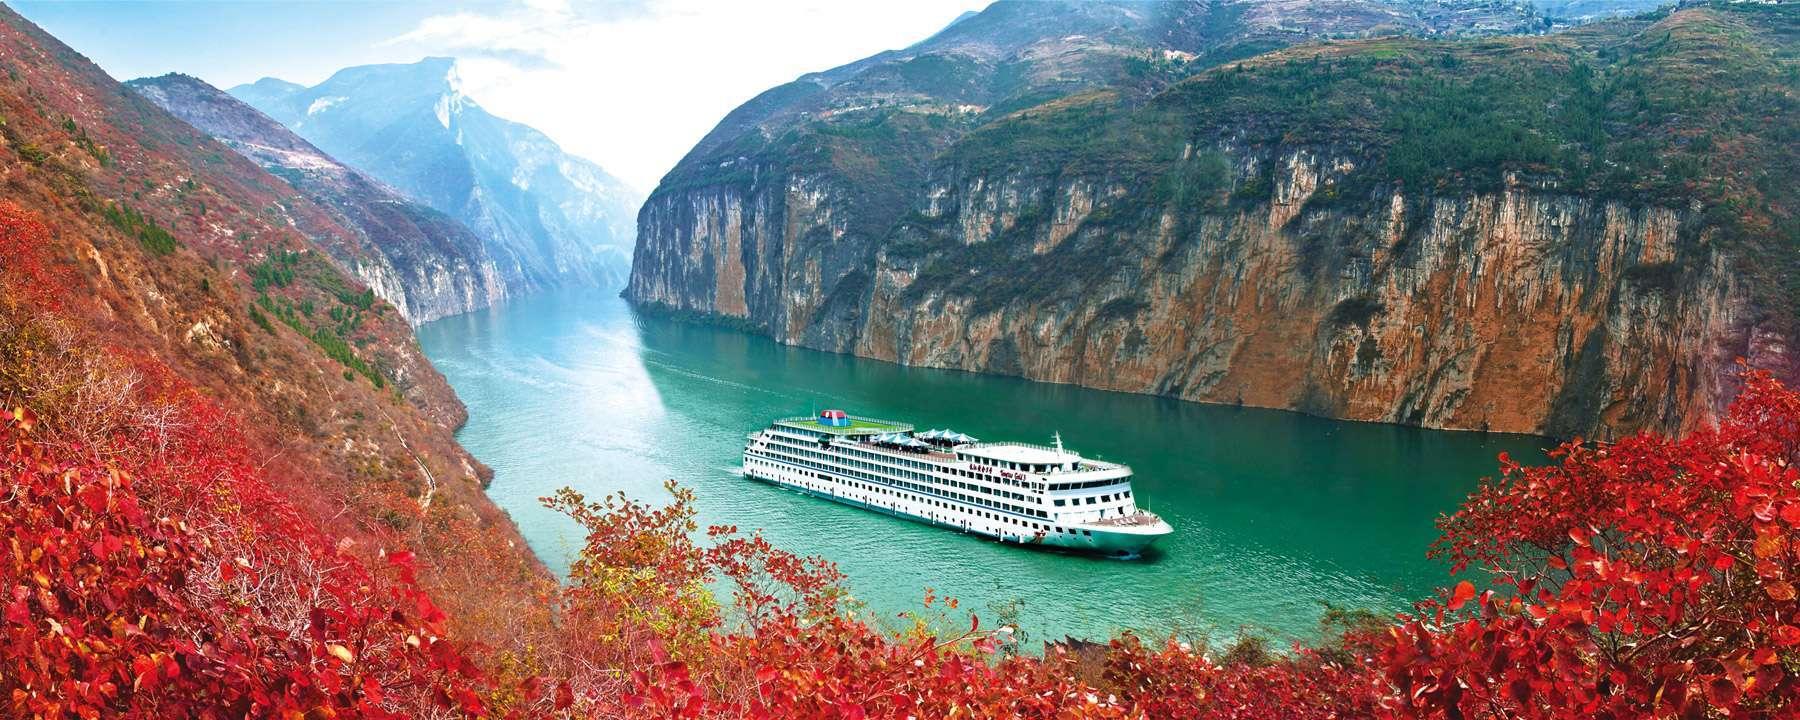 Yangtze River Tours